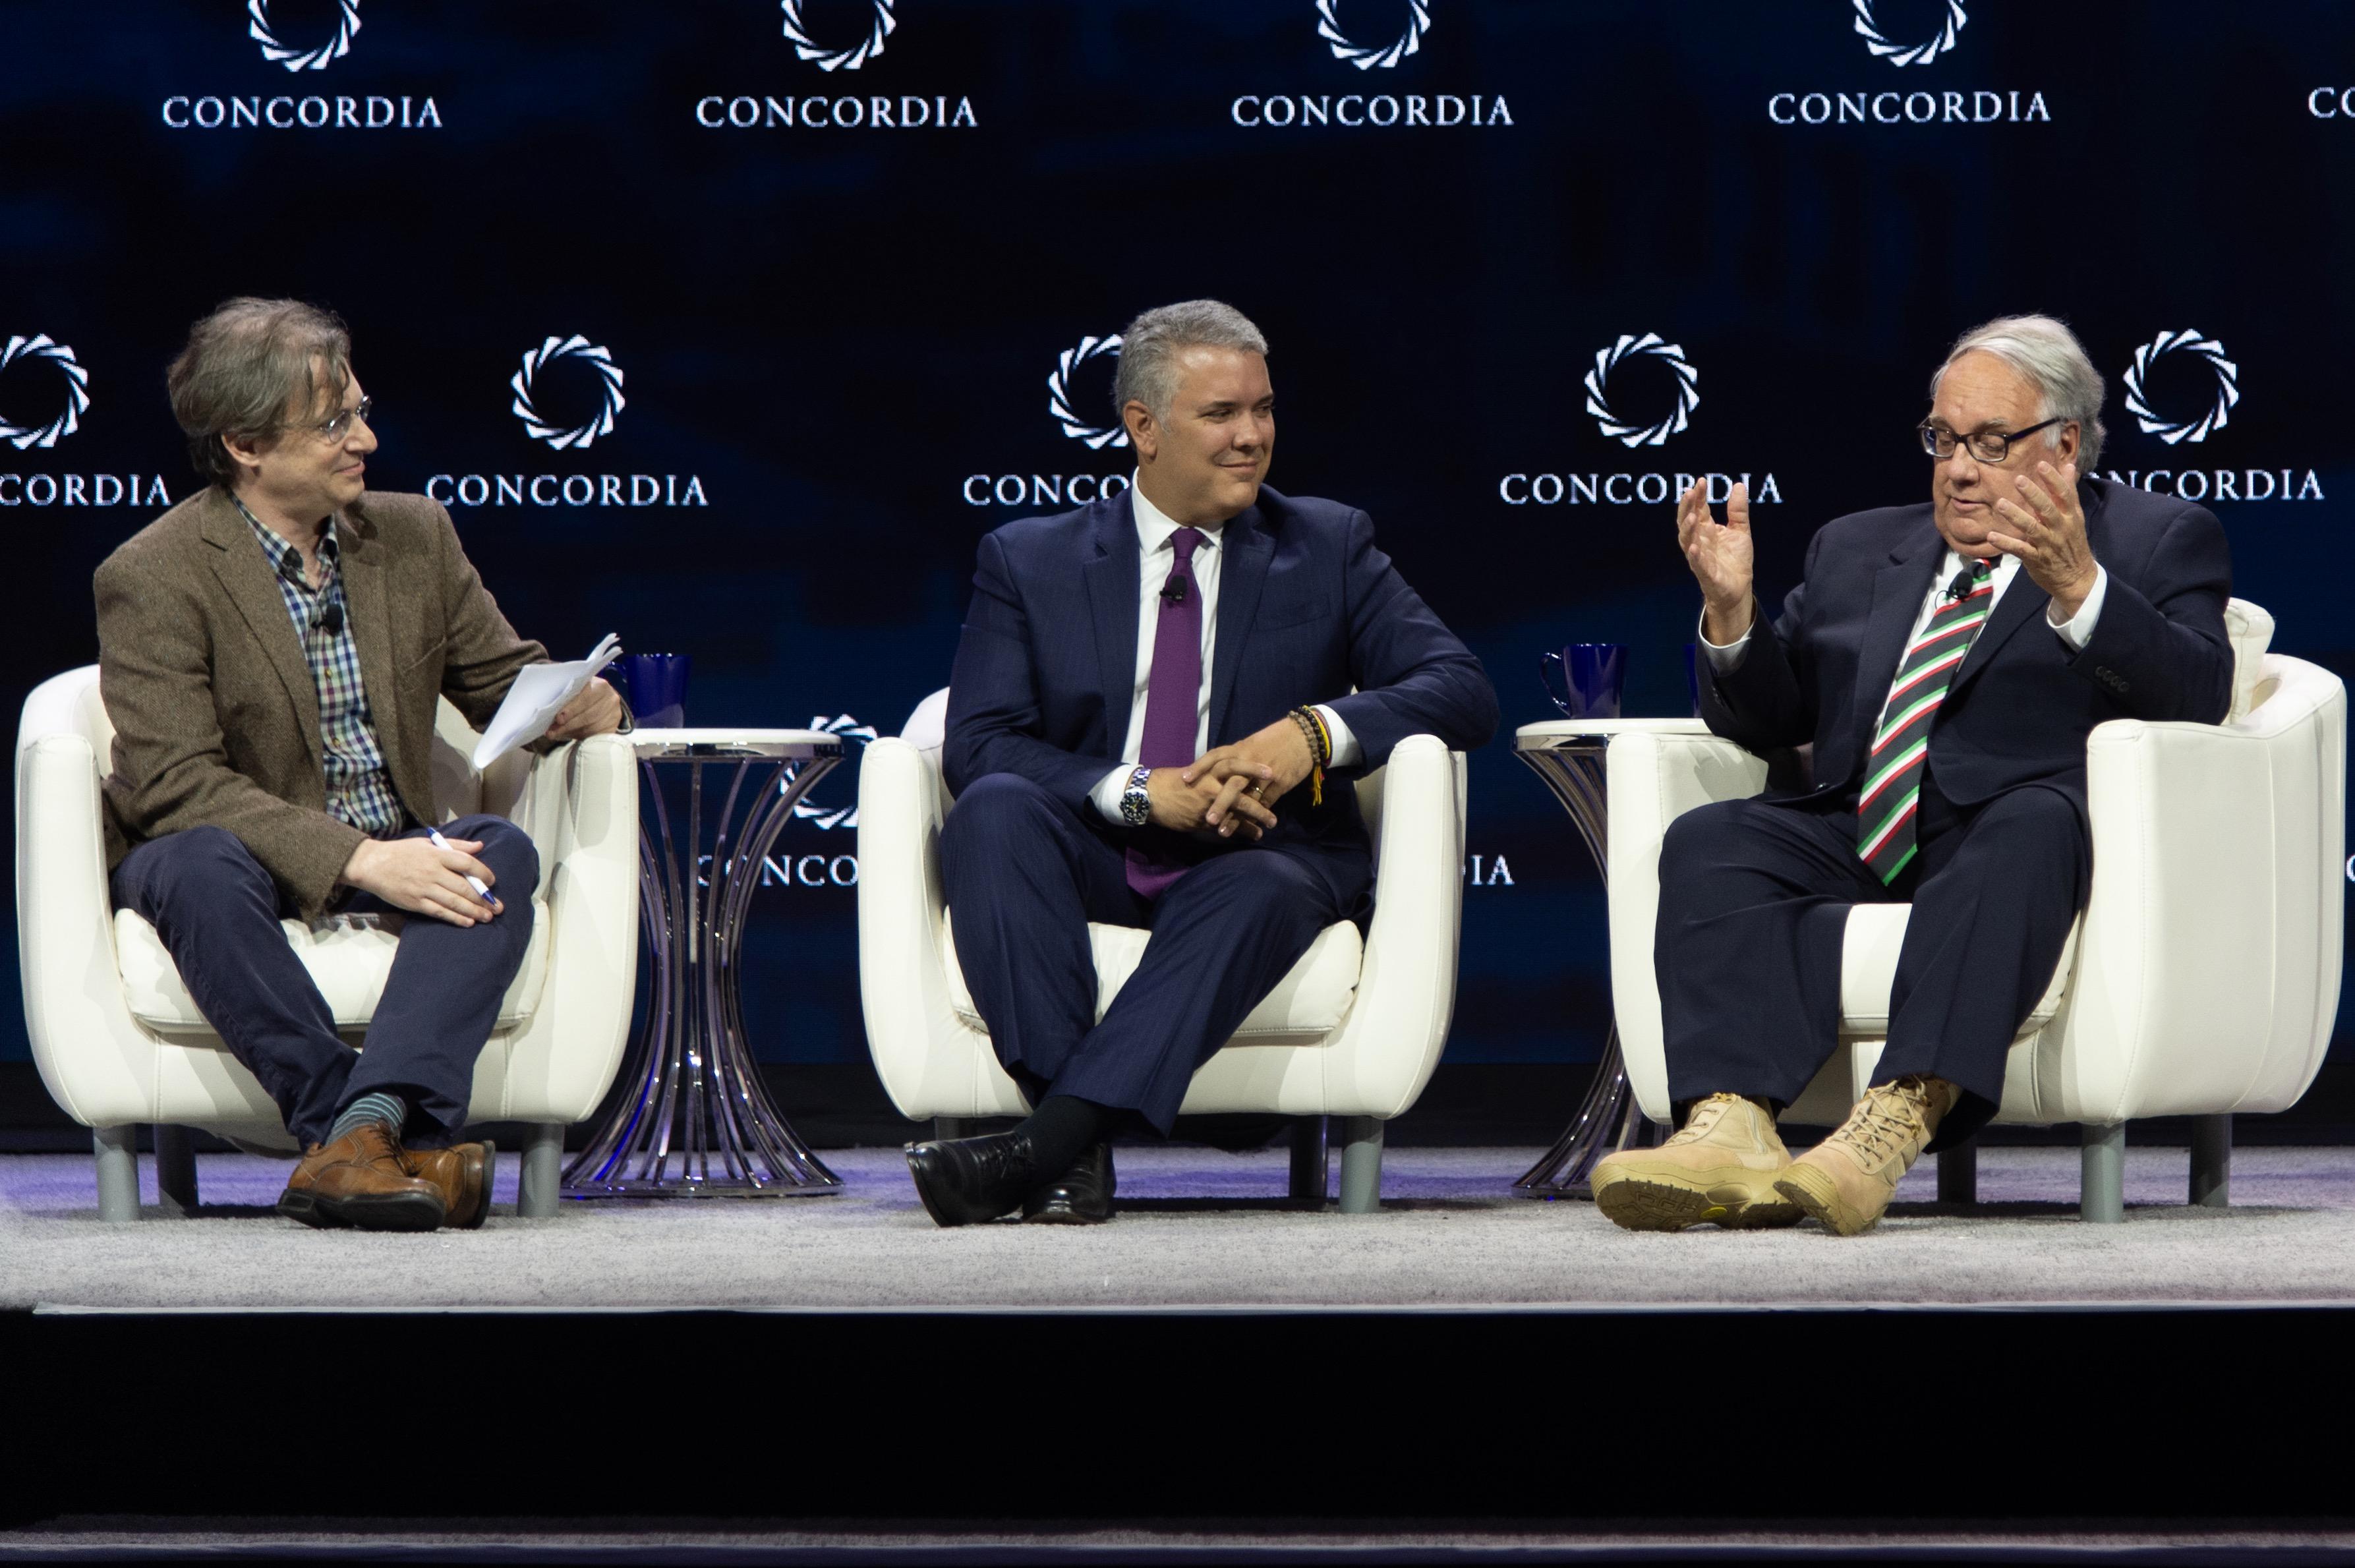 El presidente Duque y el magnate Howard Graham Buffett con las botas.